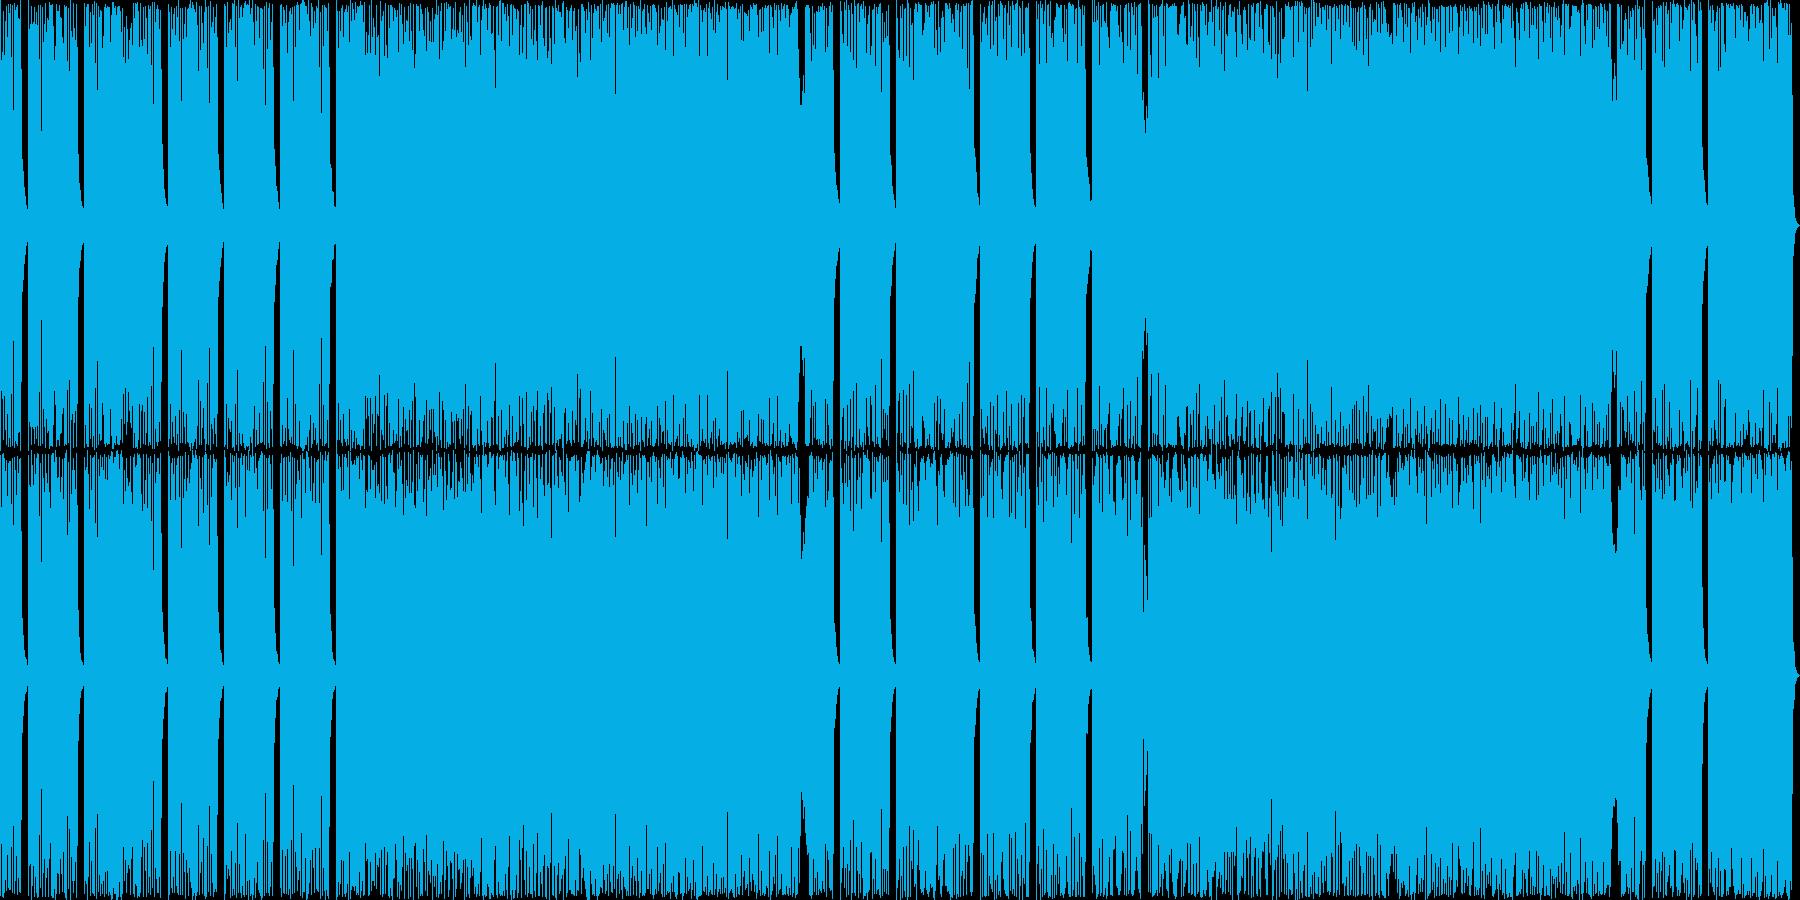 カシオペアばりの16ビートフュージョン2の再生済みの波形